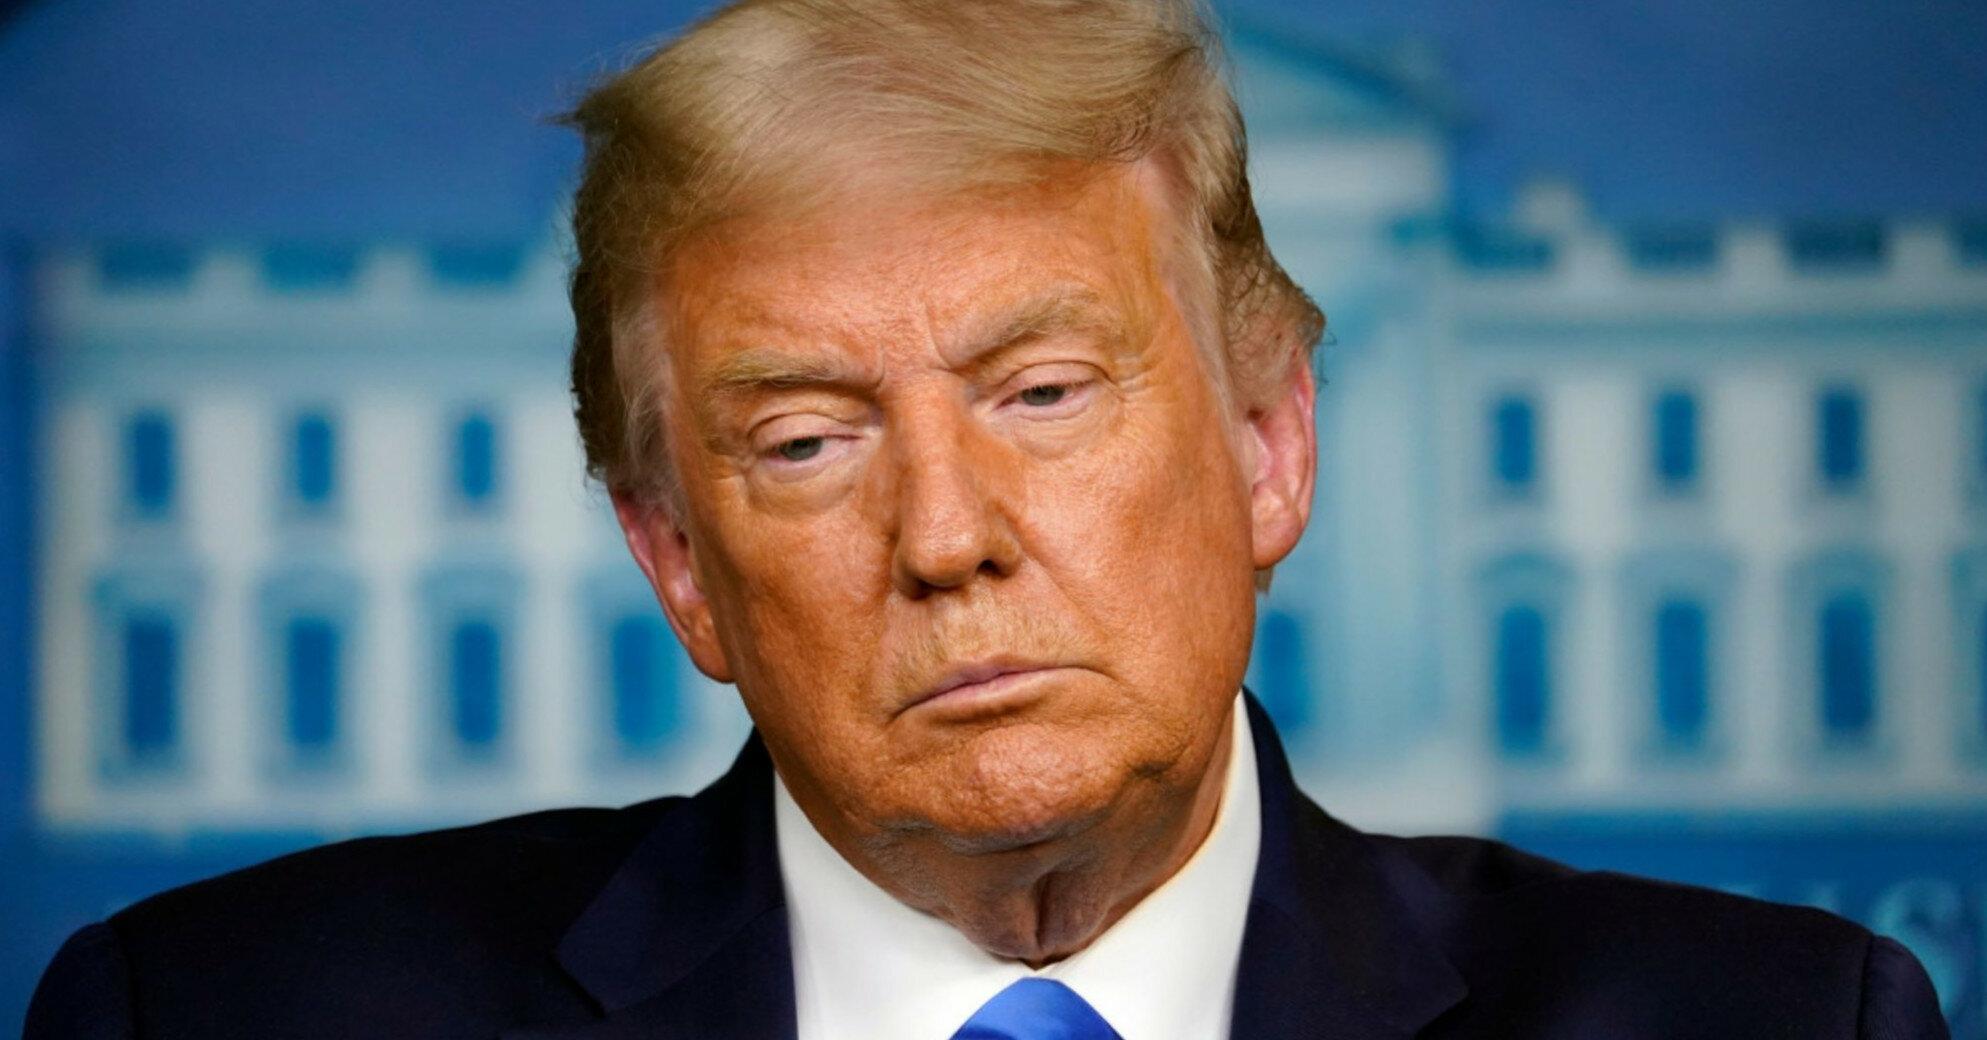 Трамп хотел отправлять больных коронавирусом американцев в Гуантанамо